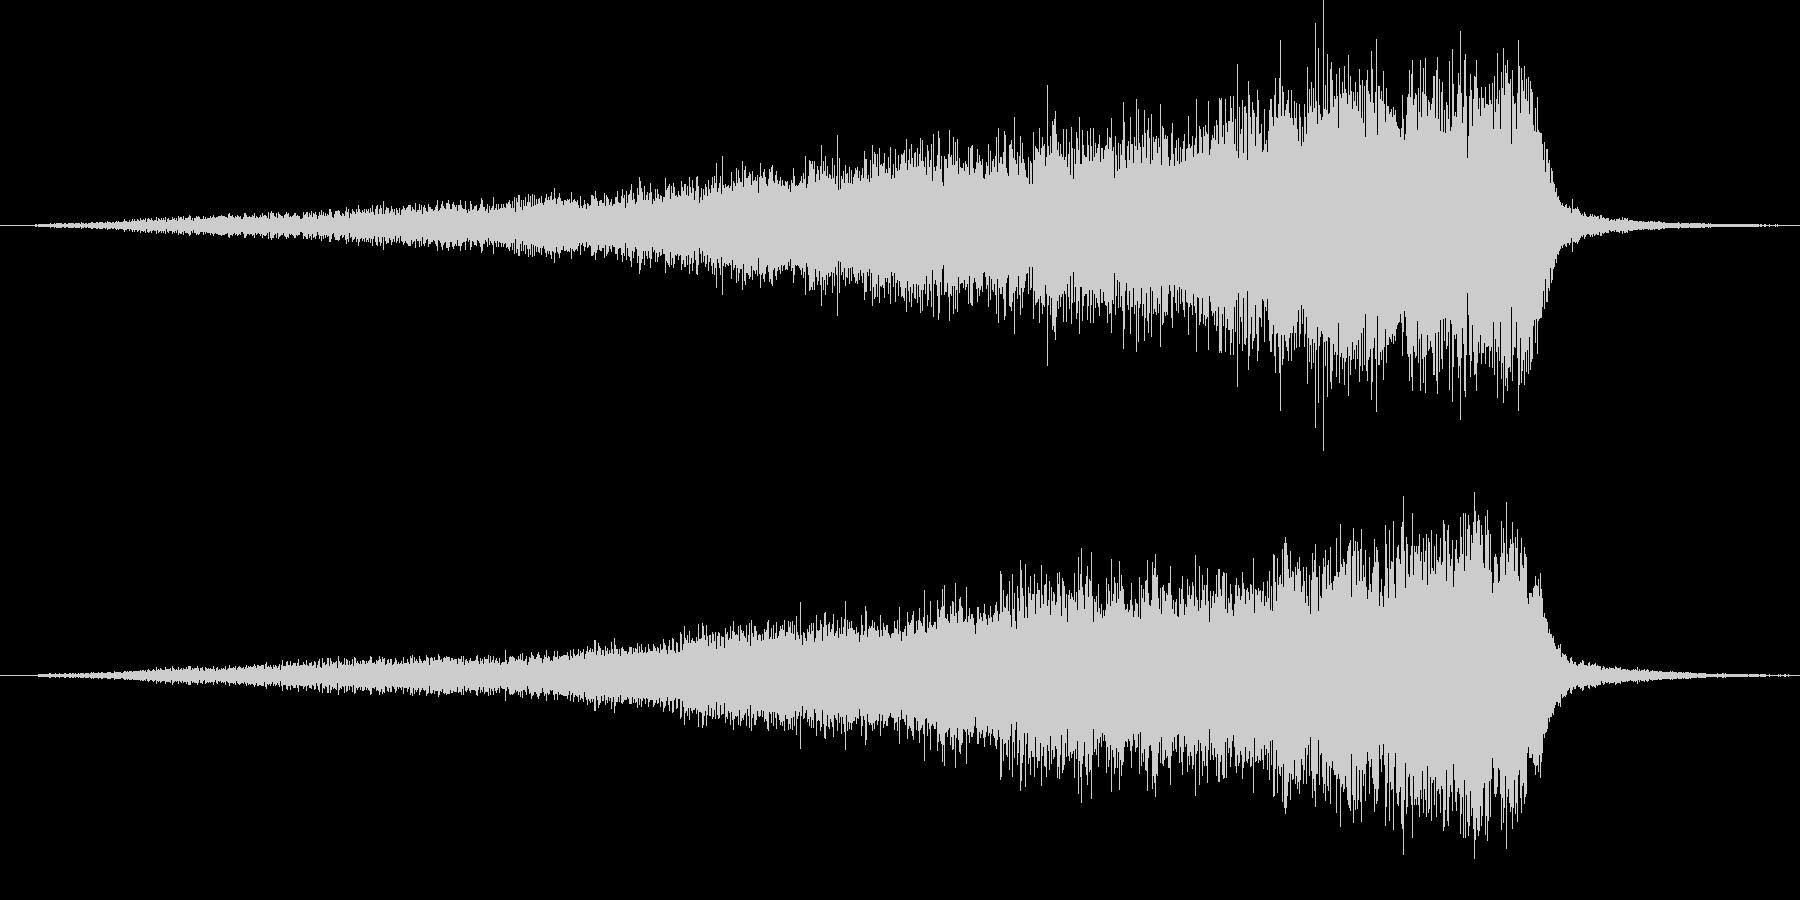 フルオケ音源による開始のフェードインの未再生の波形